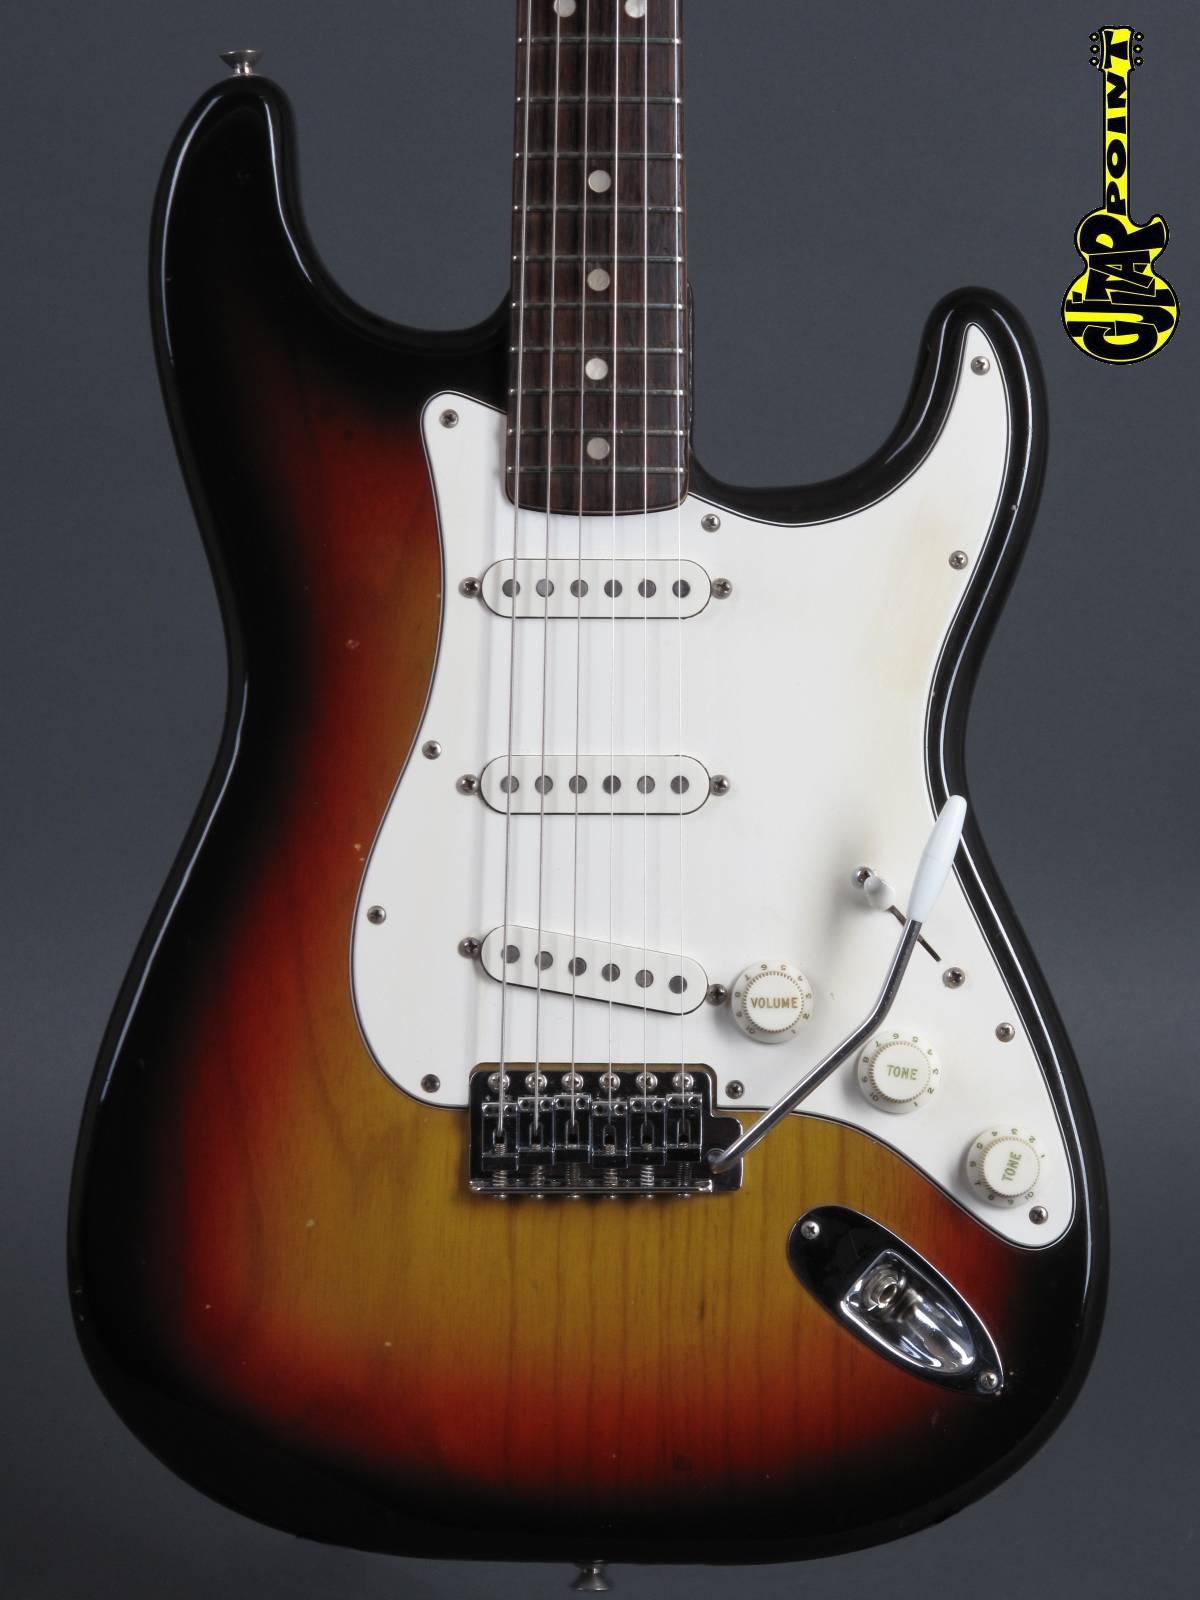 1976 Fender Stratocaster - 3t-Sunburst / Rosewood neck